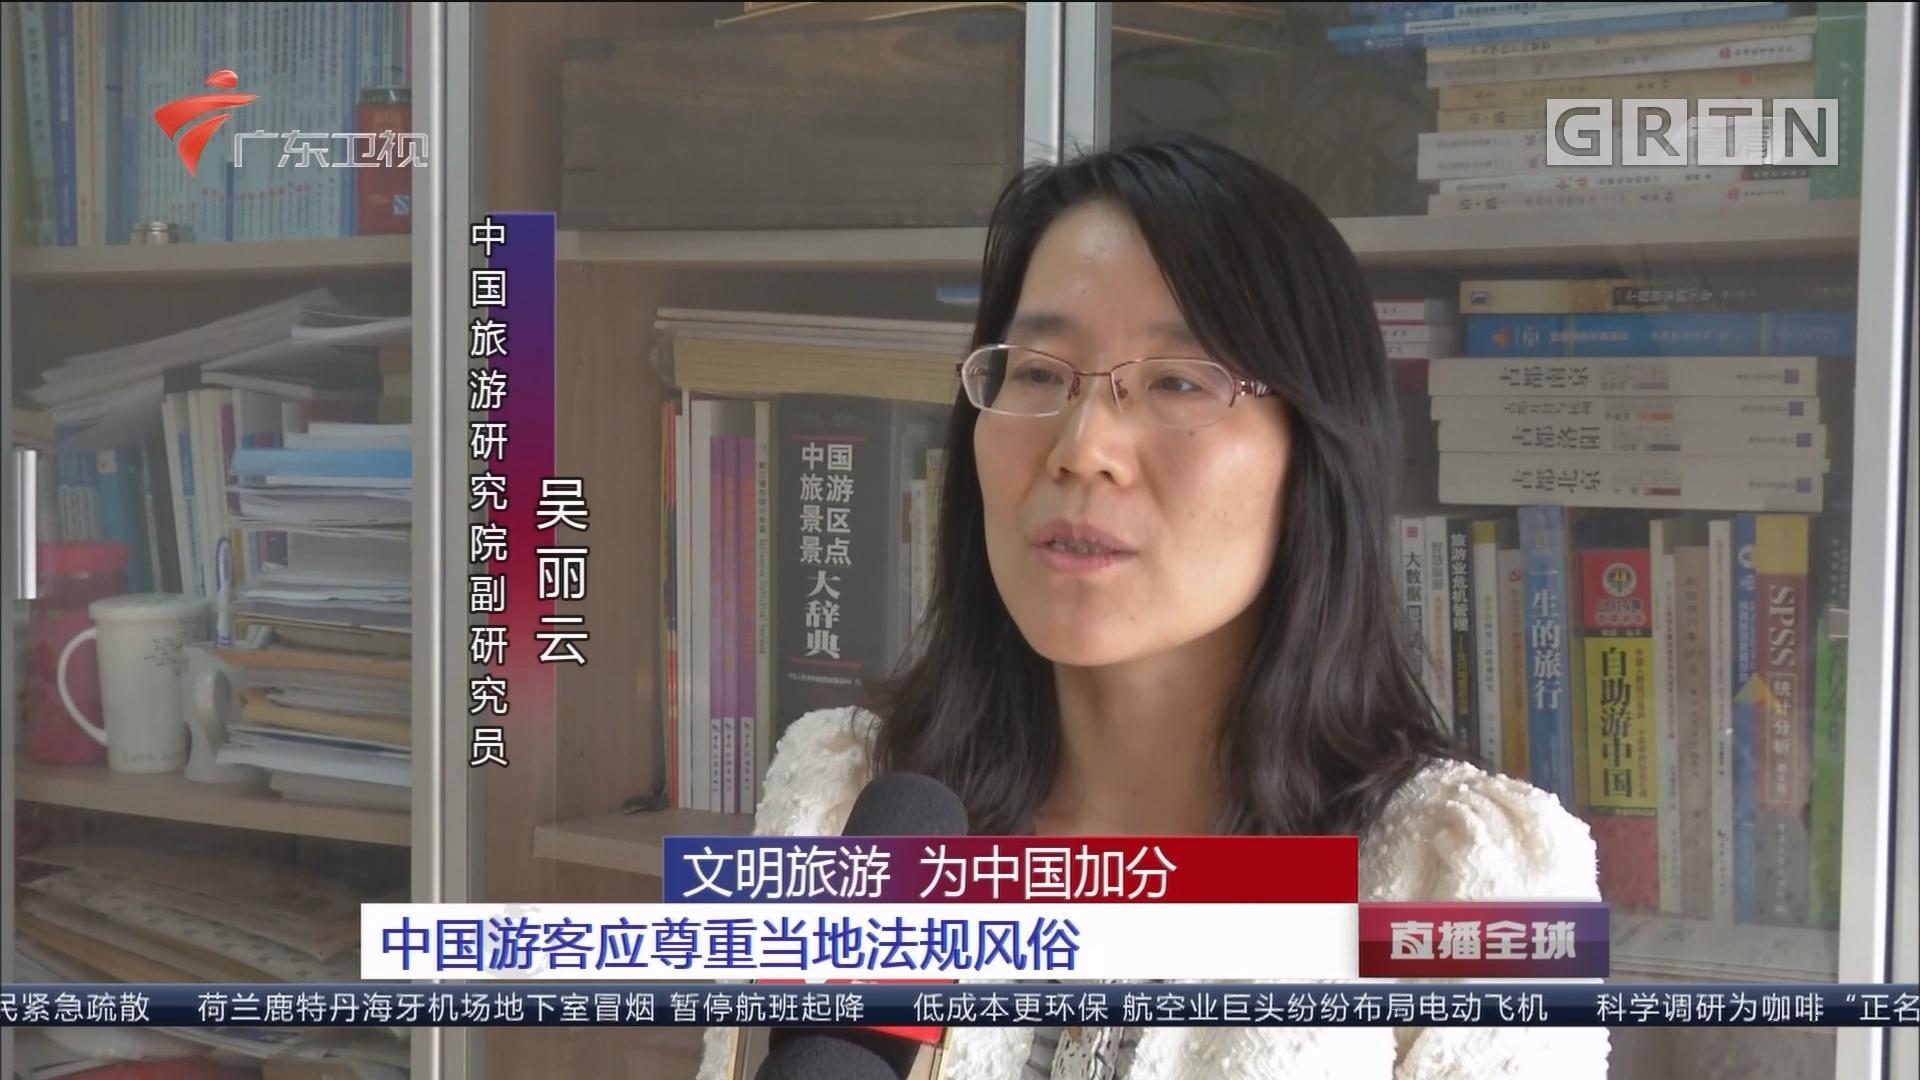 文明旅游 为中国加分:今年春节出境游人次预计达650万